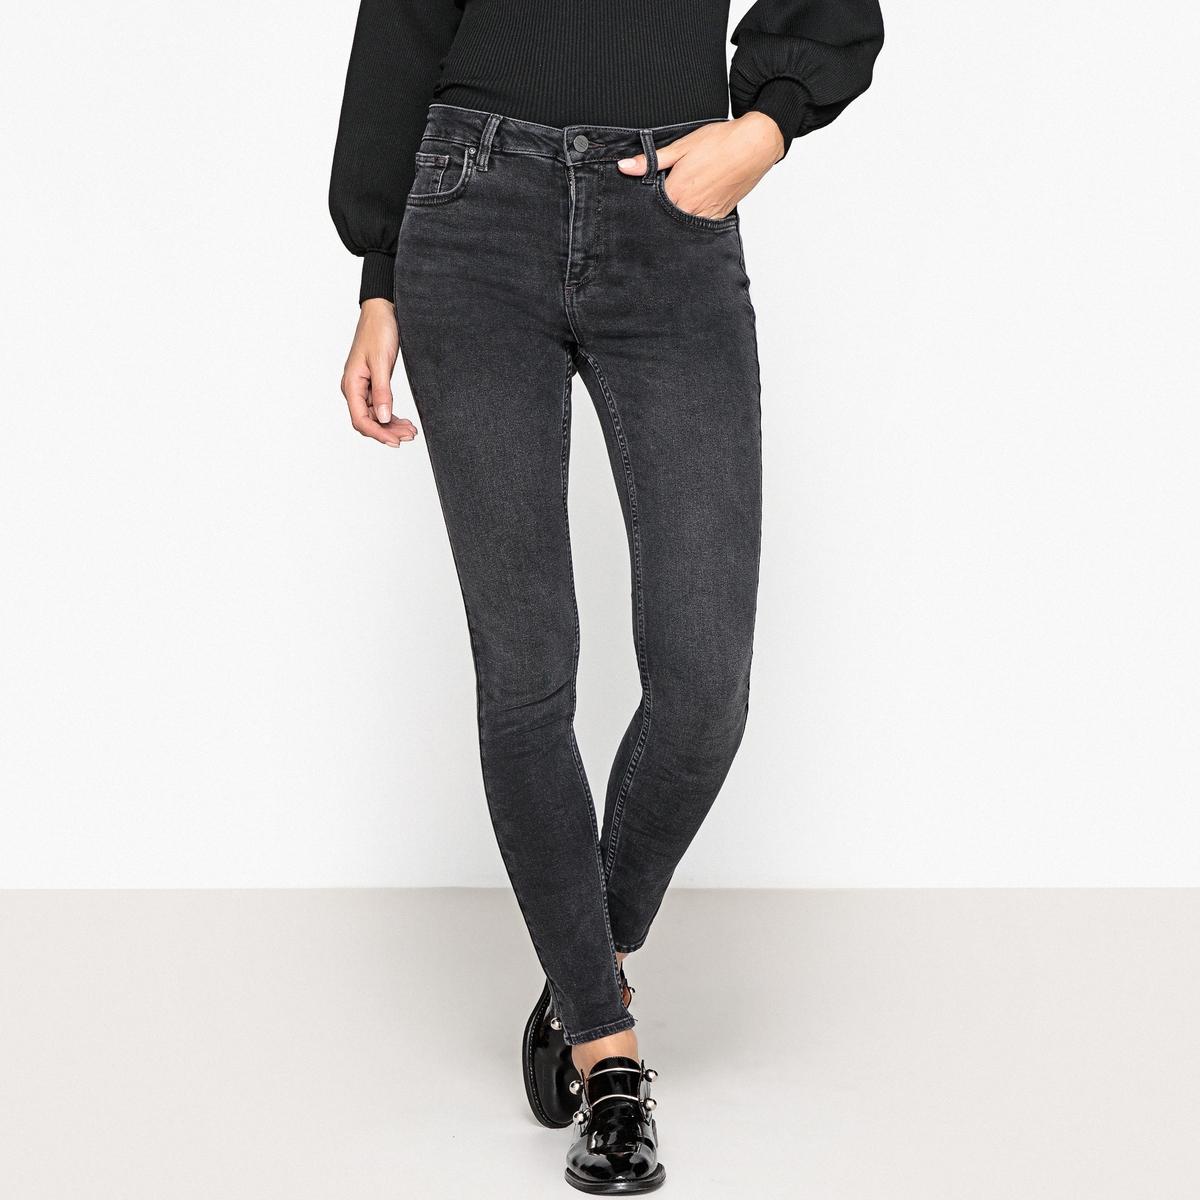 Джинсы-скинни с завышенной талией джинсы скинни 73 см